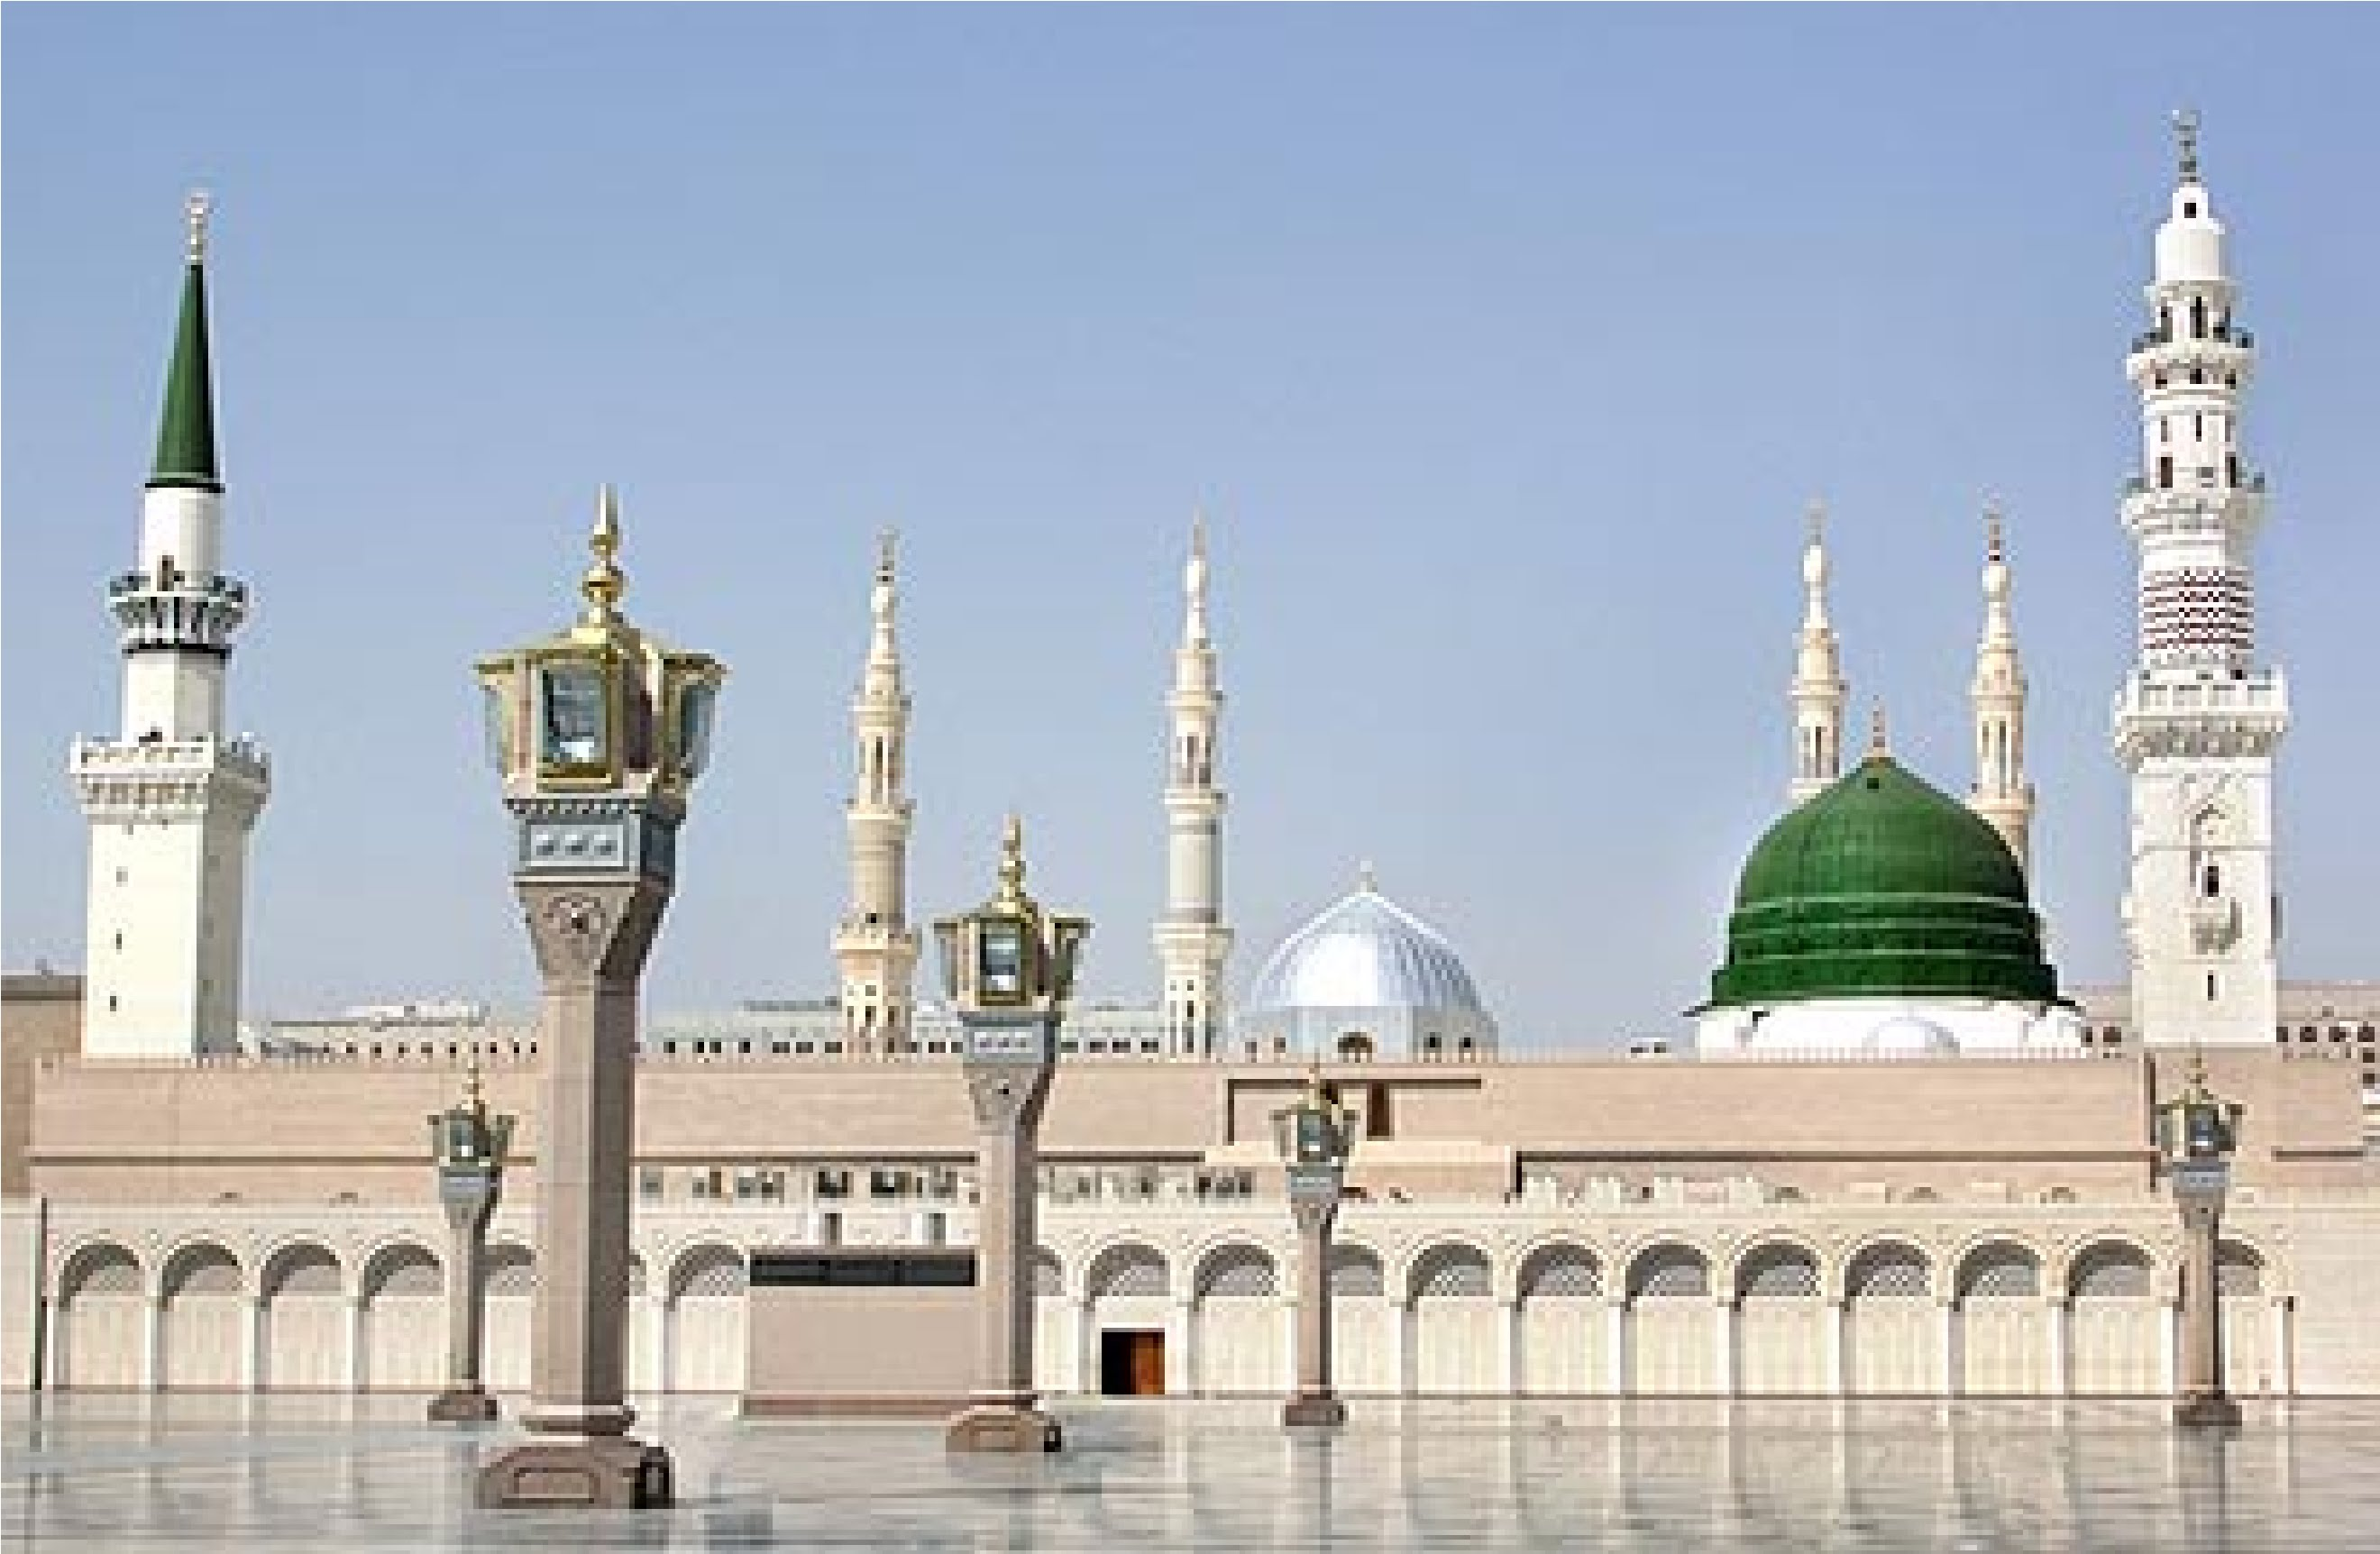 Al-Masjid Al-Nabawi Backgrounds on Wallpapers Vista